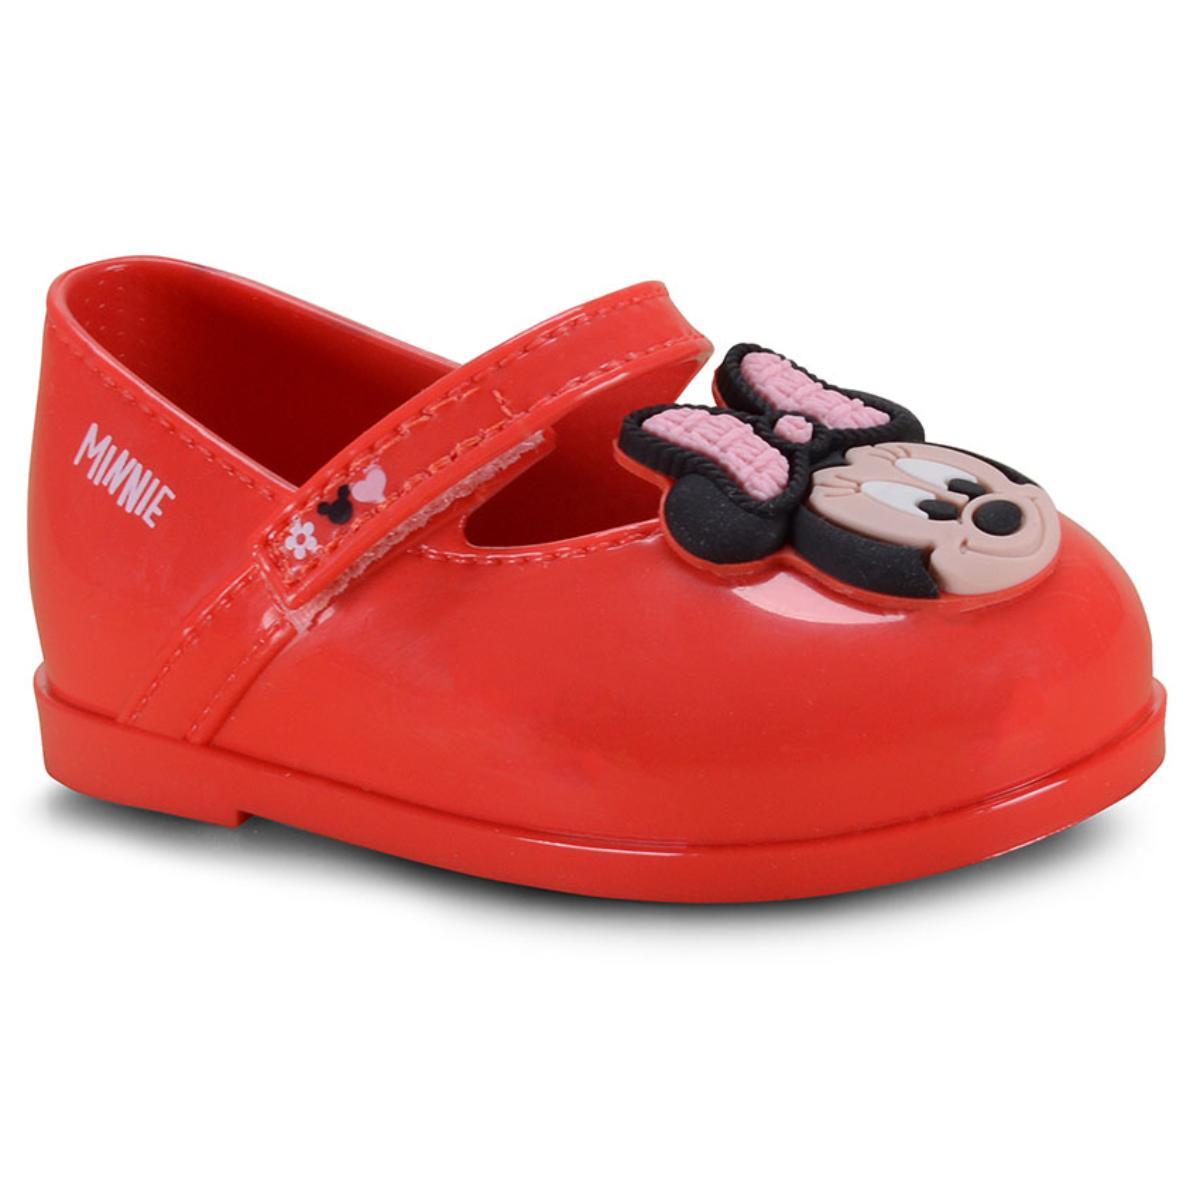 Sapatilha Fem Infantil Grendene 22013 50962 Disney Minnie Petit Vermelho/rosa